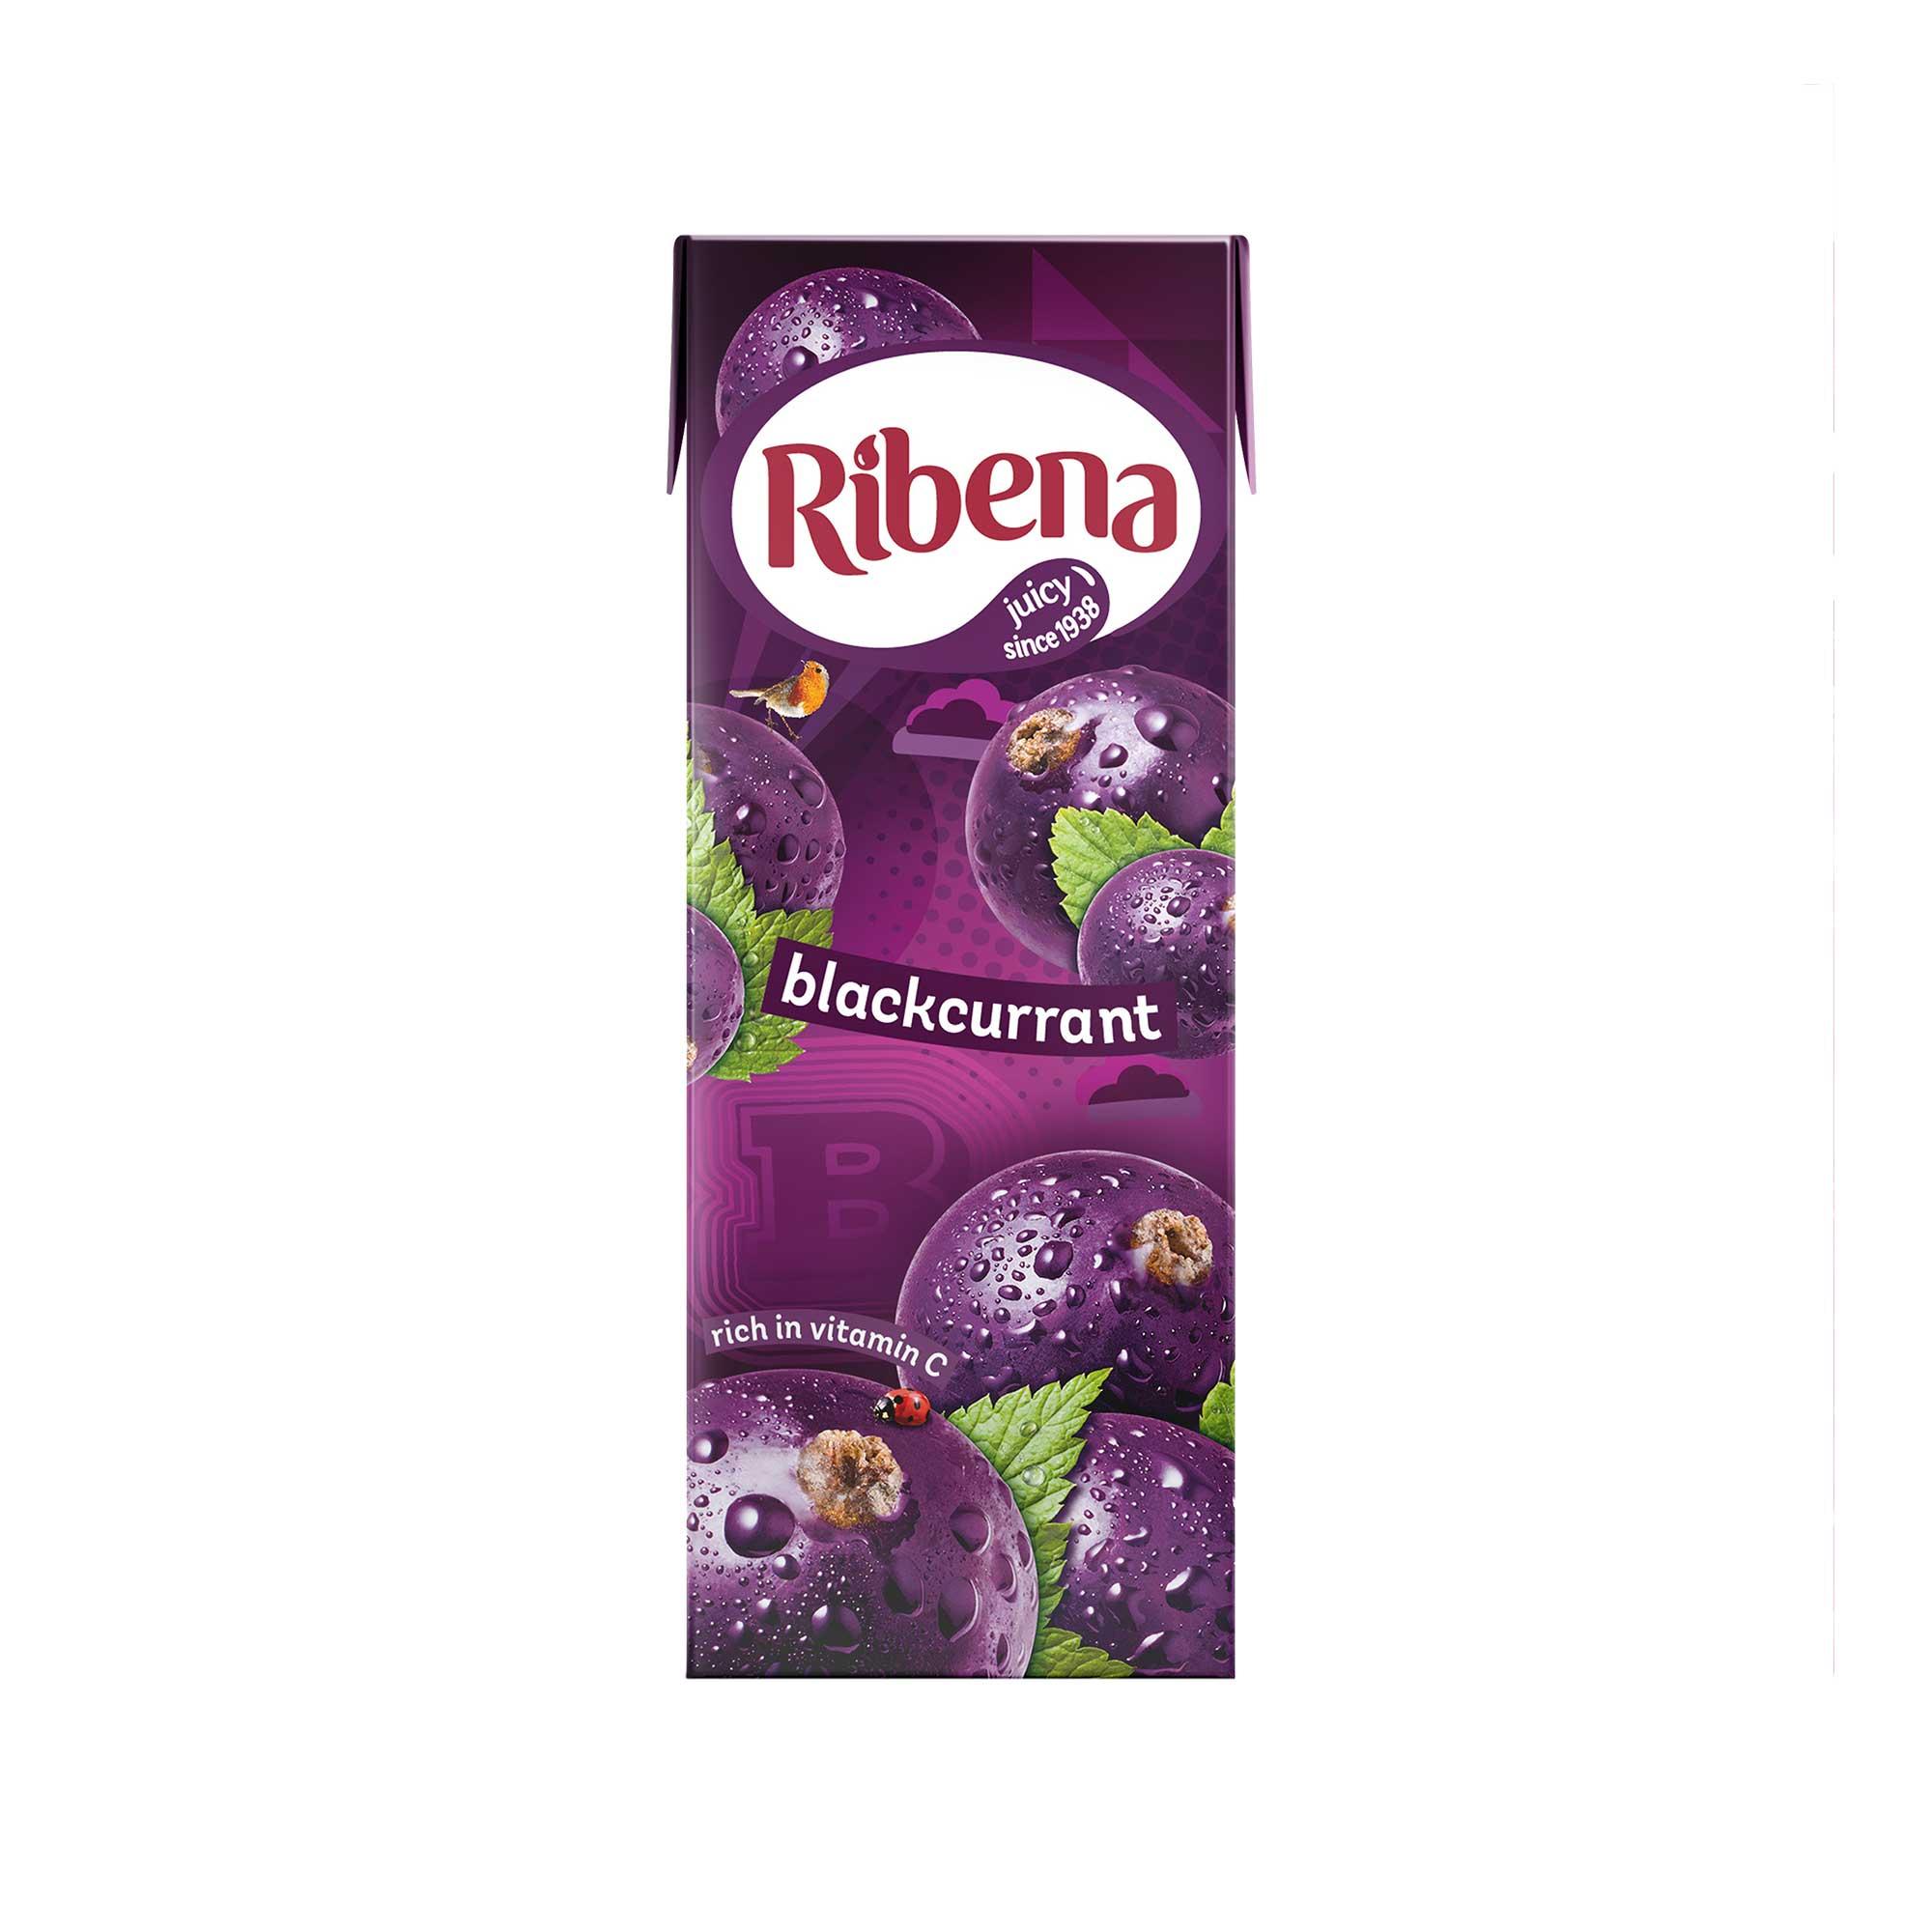 Ribena 250ml cartons - pack of six instore at Asda for £1.50